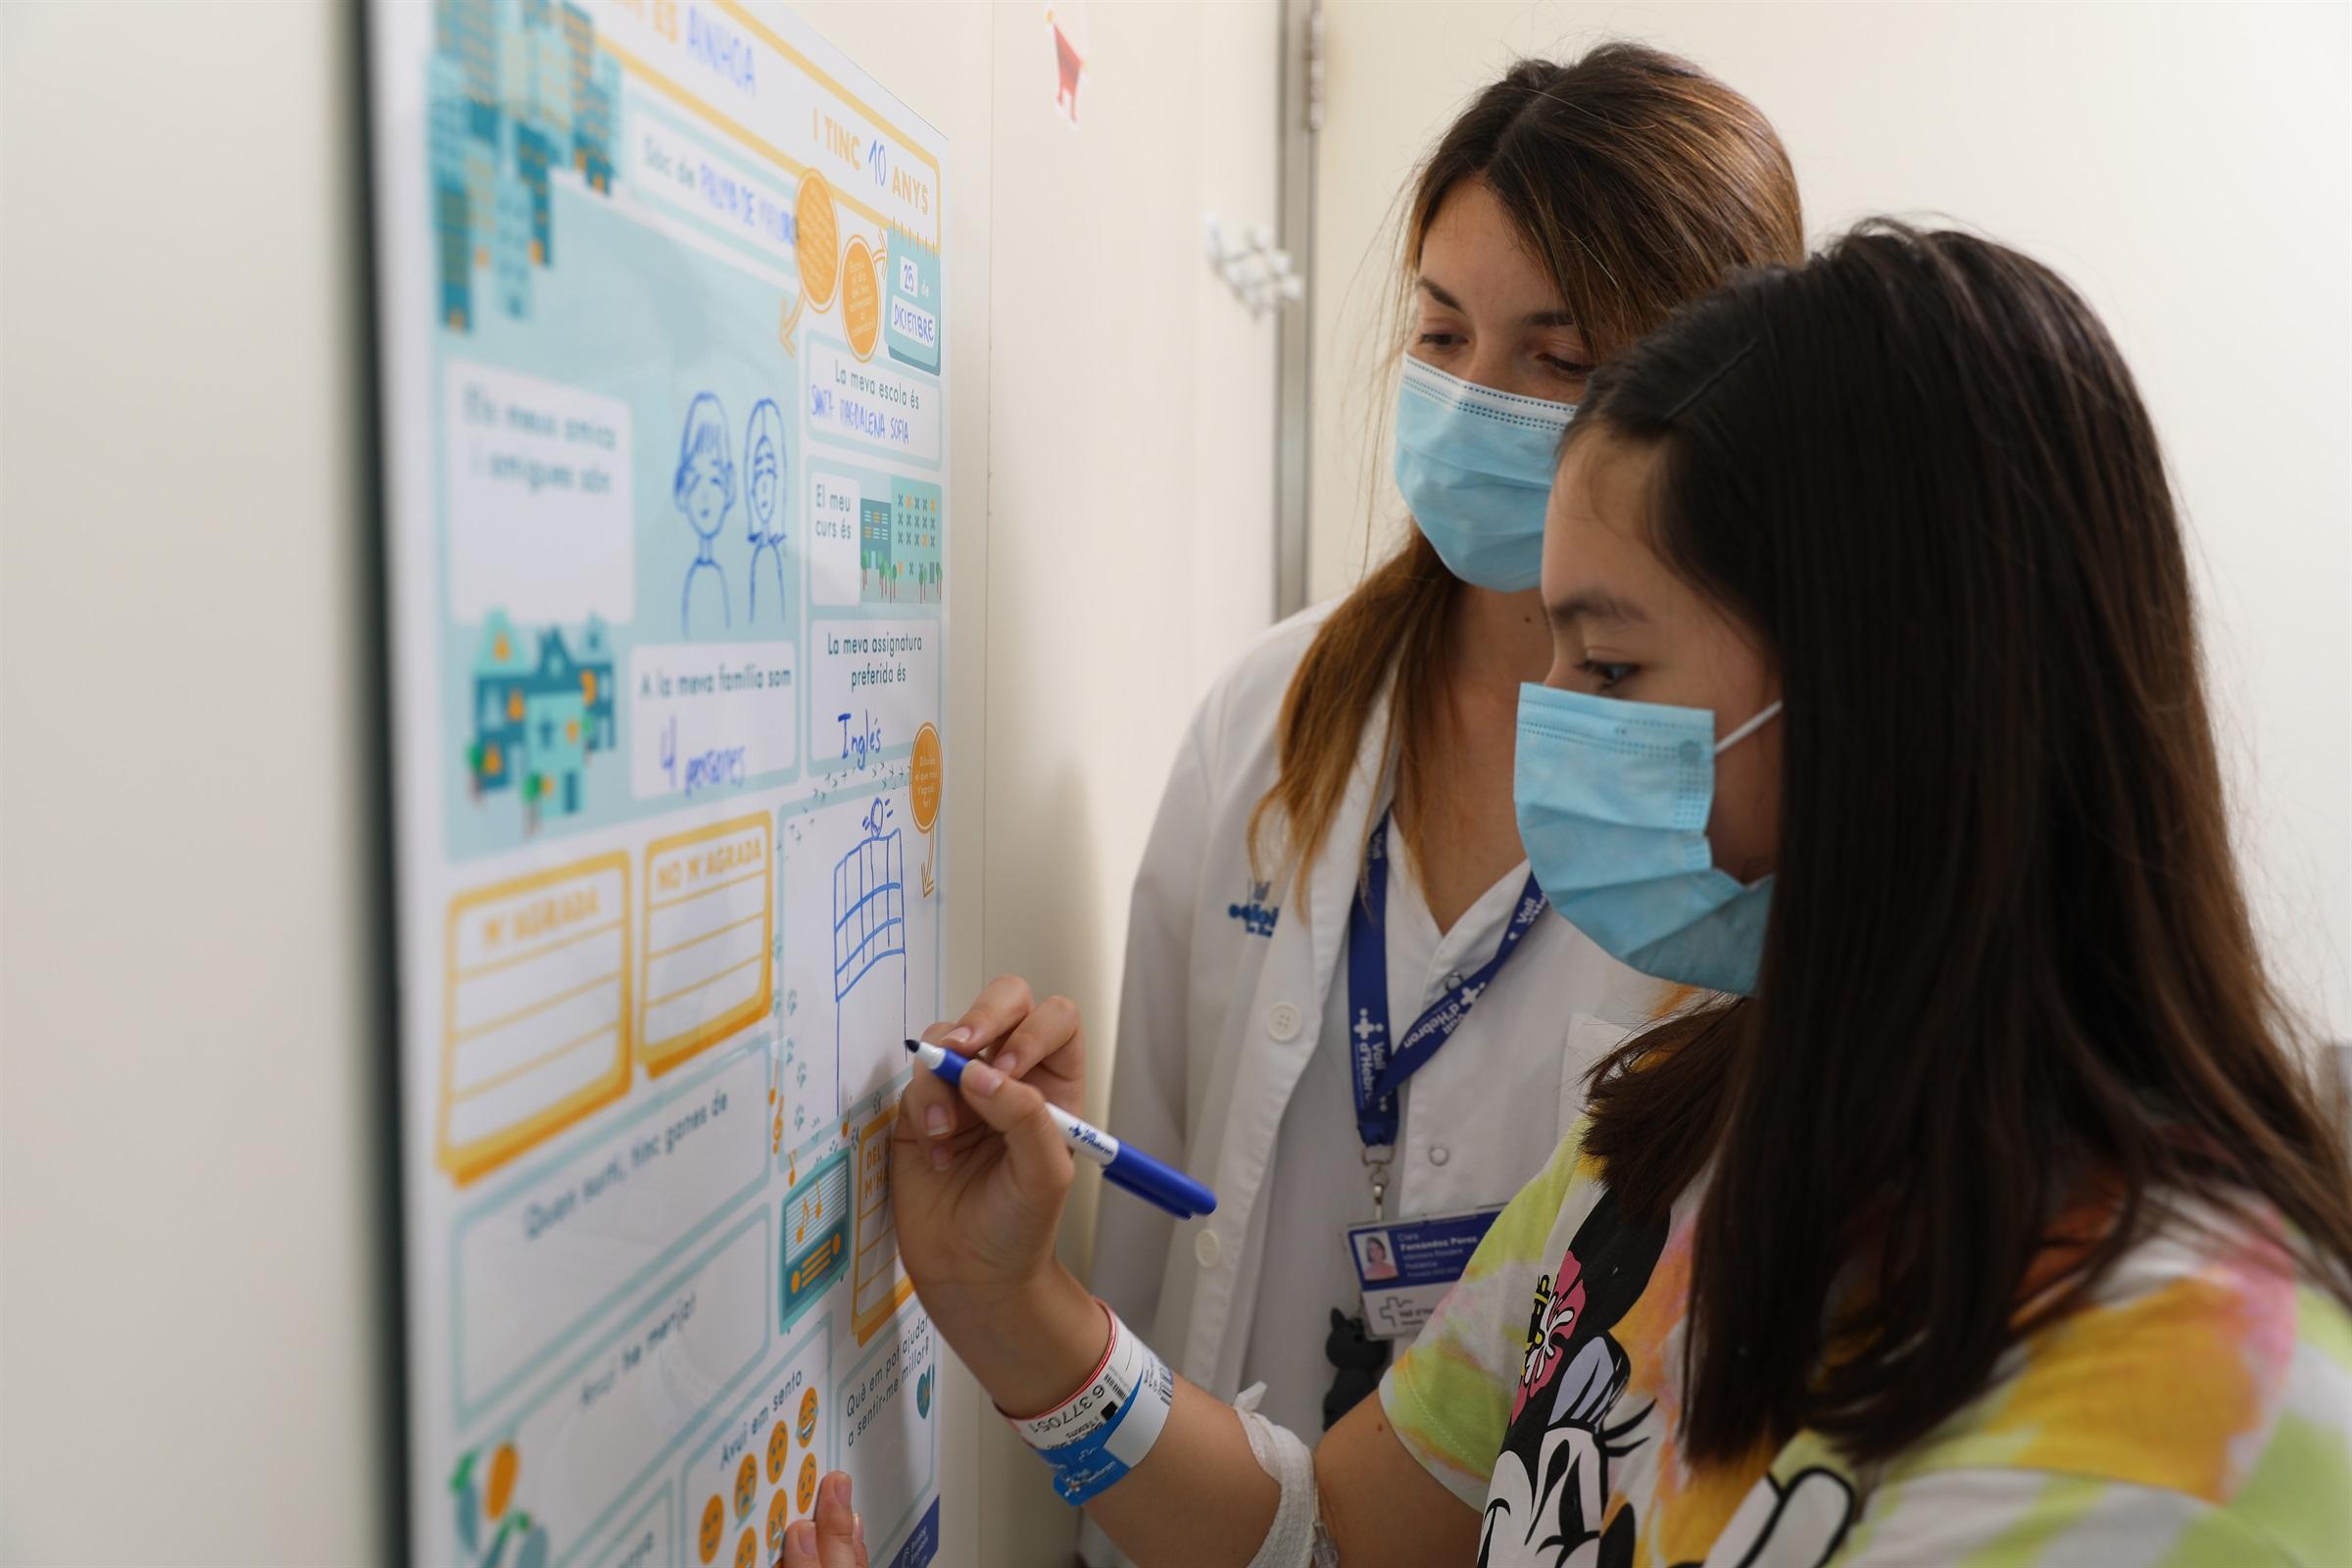 L'Hospital de la Vall d'Hebron implementa una iniciativa infermera per humanitzar l'estada hospitalària dels infants